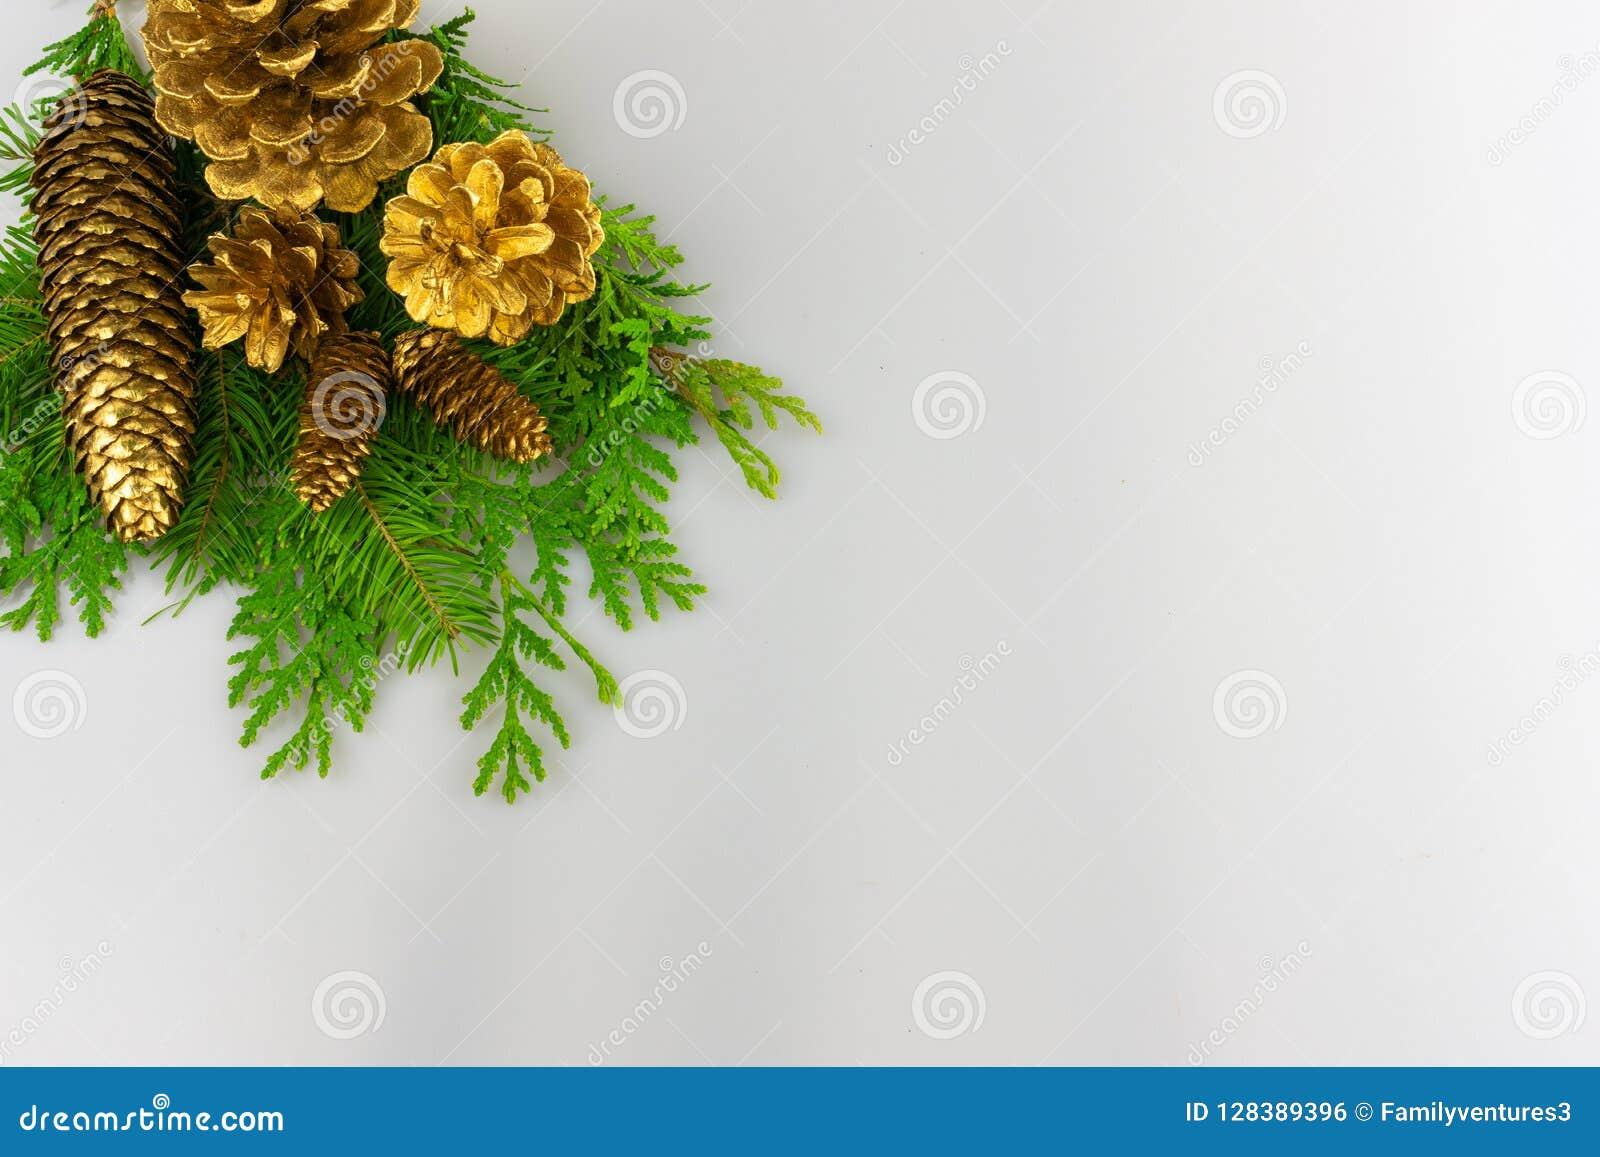 Cônes de pin d or sur la verdure dans le coin gauche supérieur